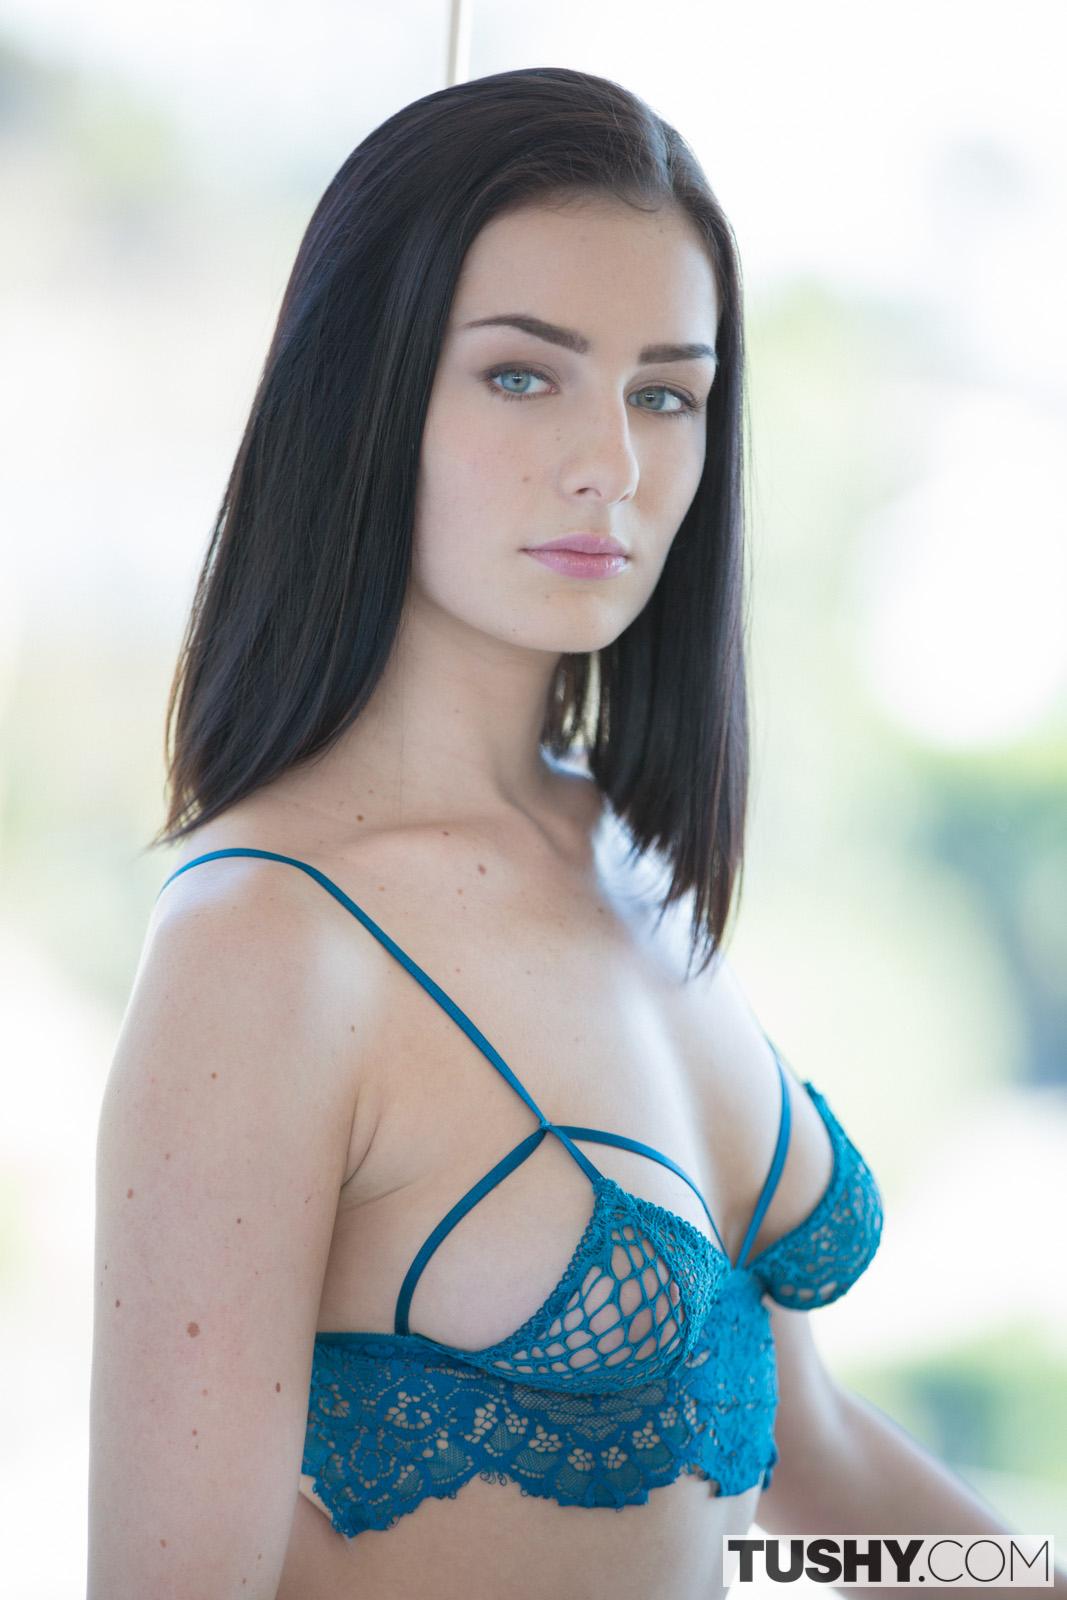 Amanda Aimes